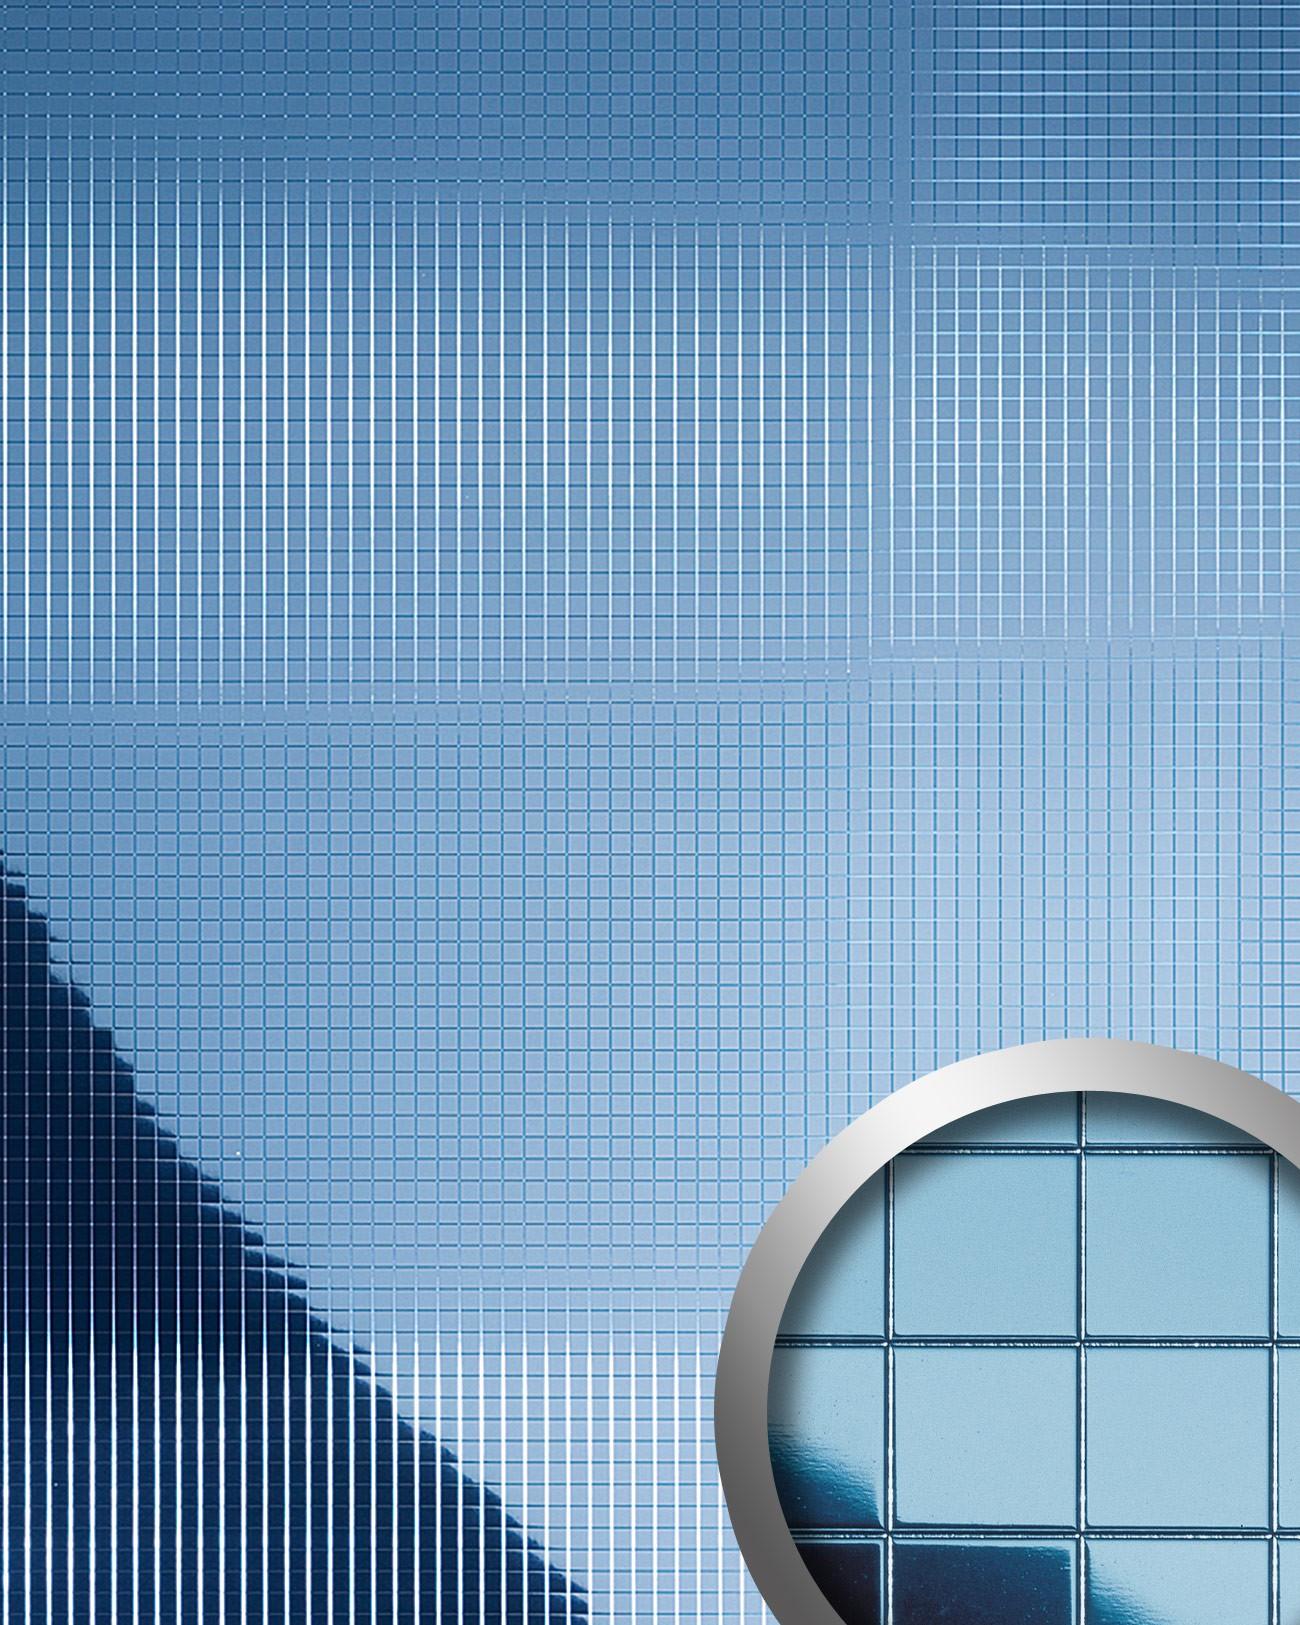 Spiegel Wandpaneel 10603